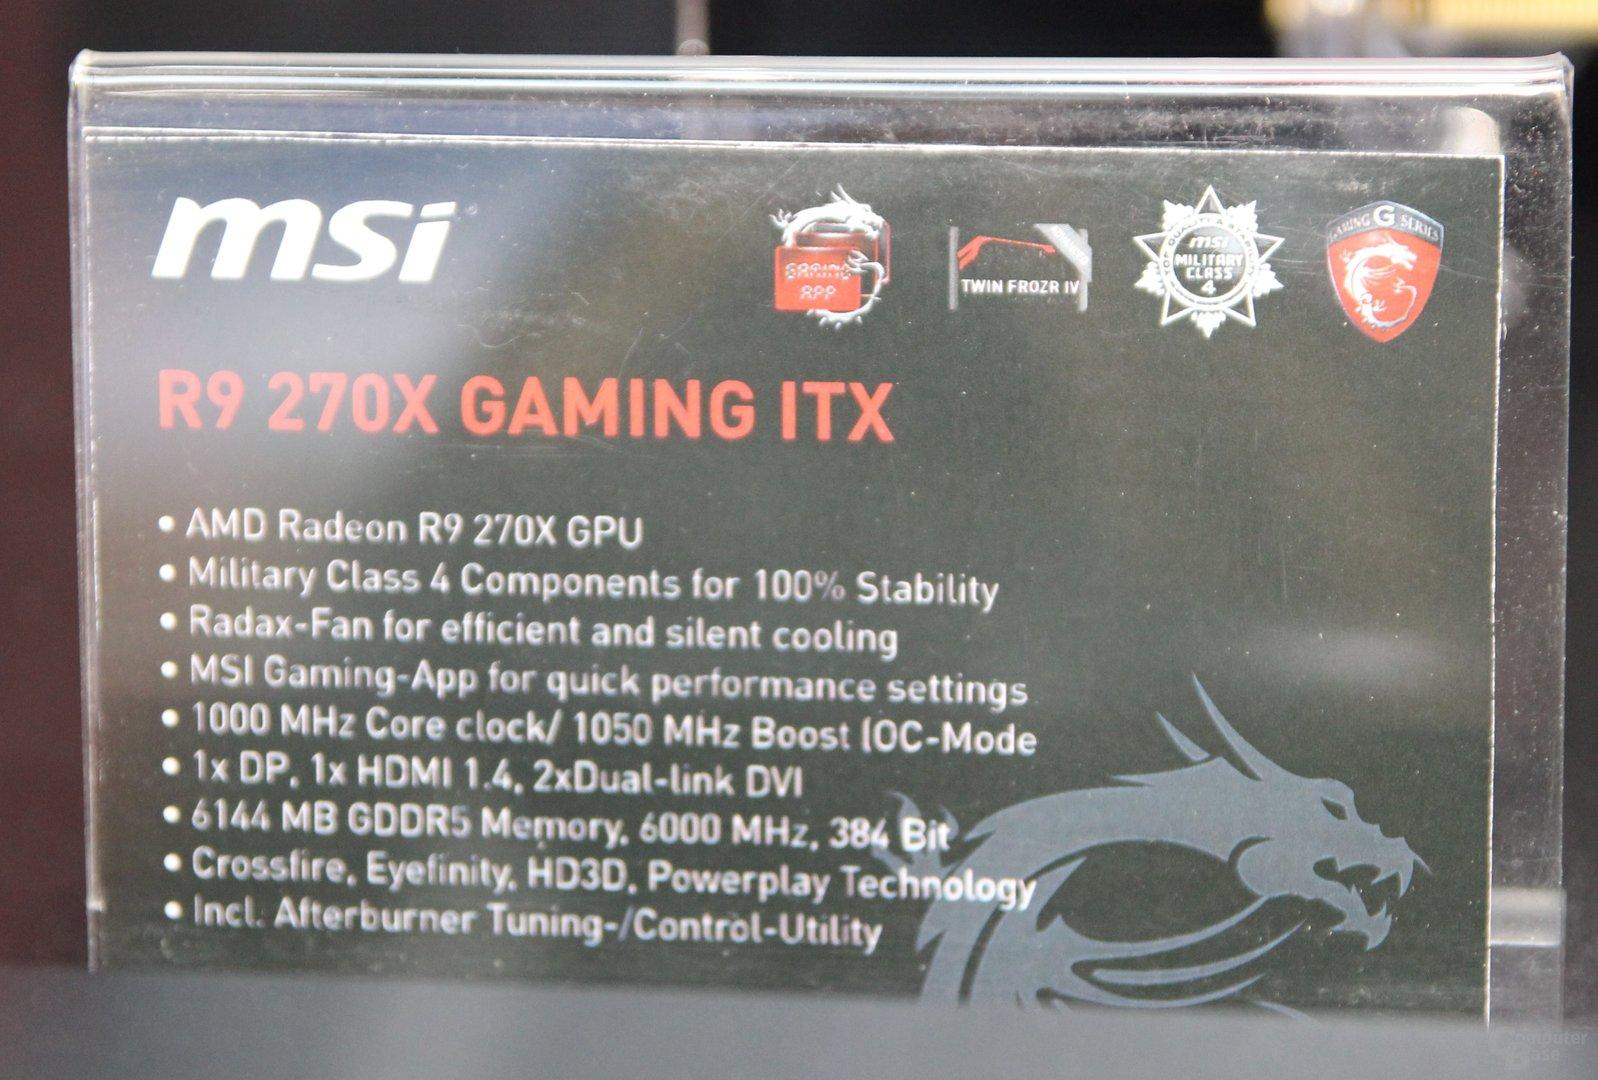 MSI Radeon R9 270X Gaming ITX mit falscher Beschreibung